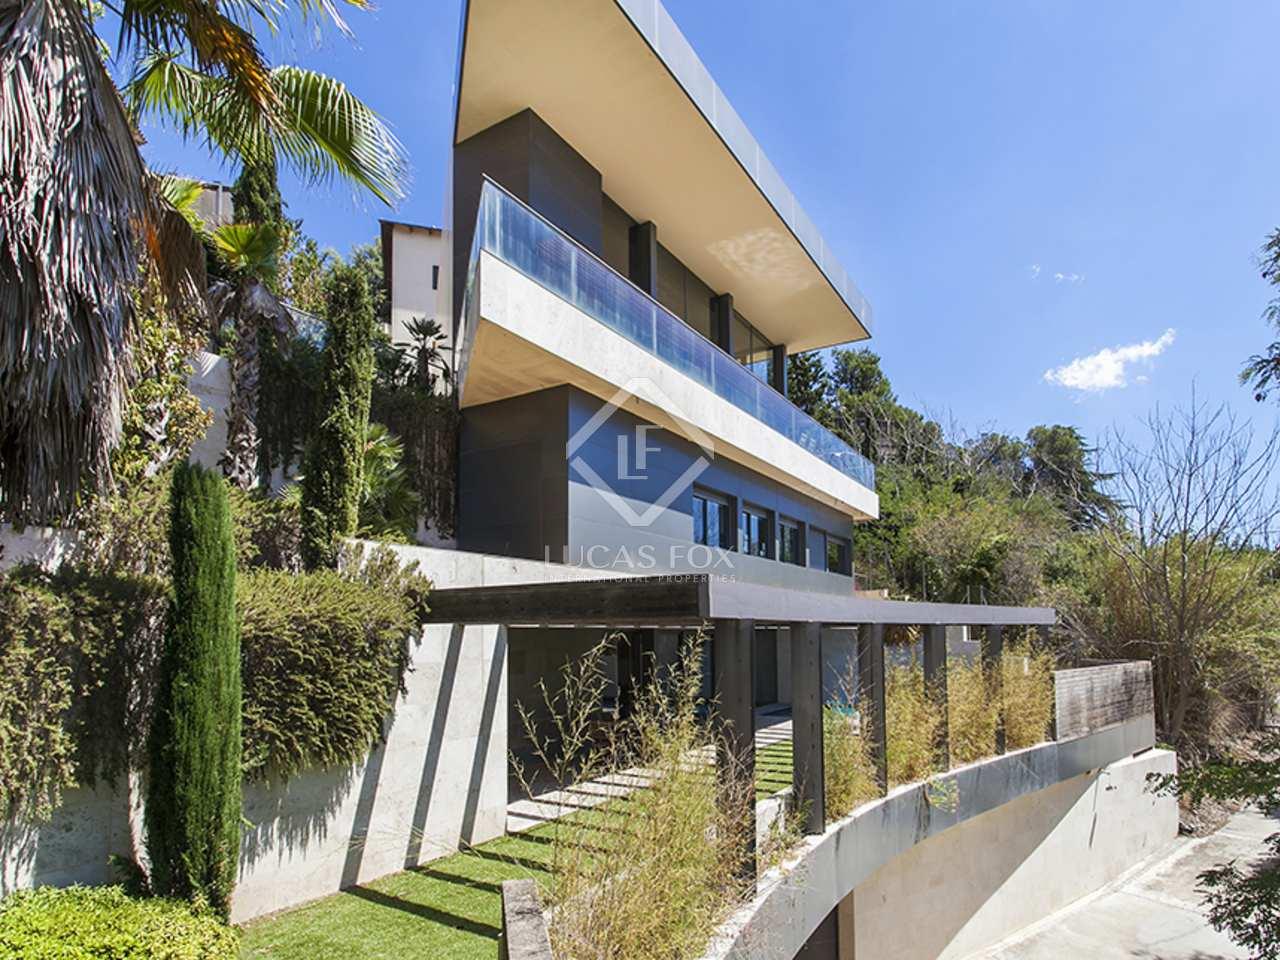 Casa de dise o en alquiler con jard n y vistas a barcelona for Casa con jardin barcelona alquiler